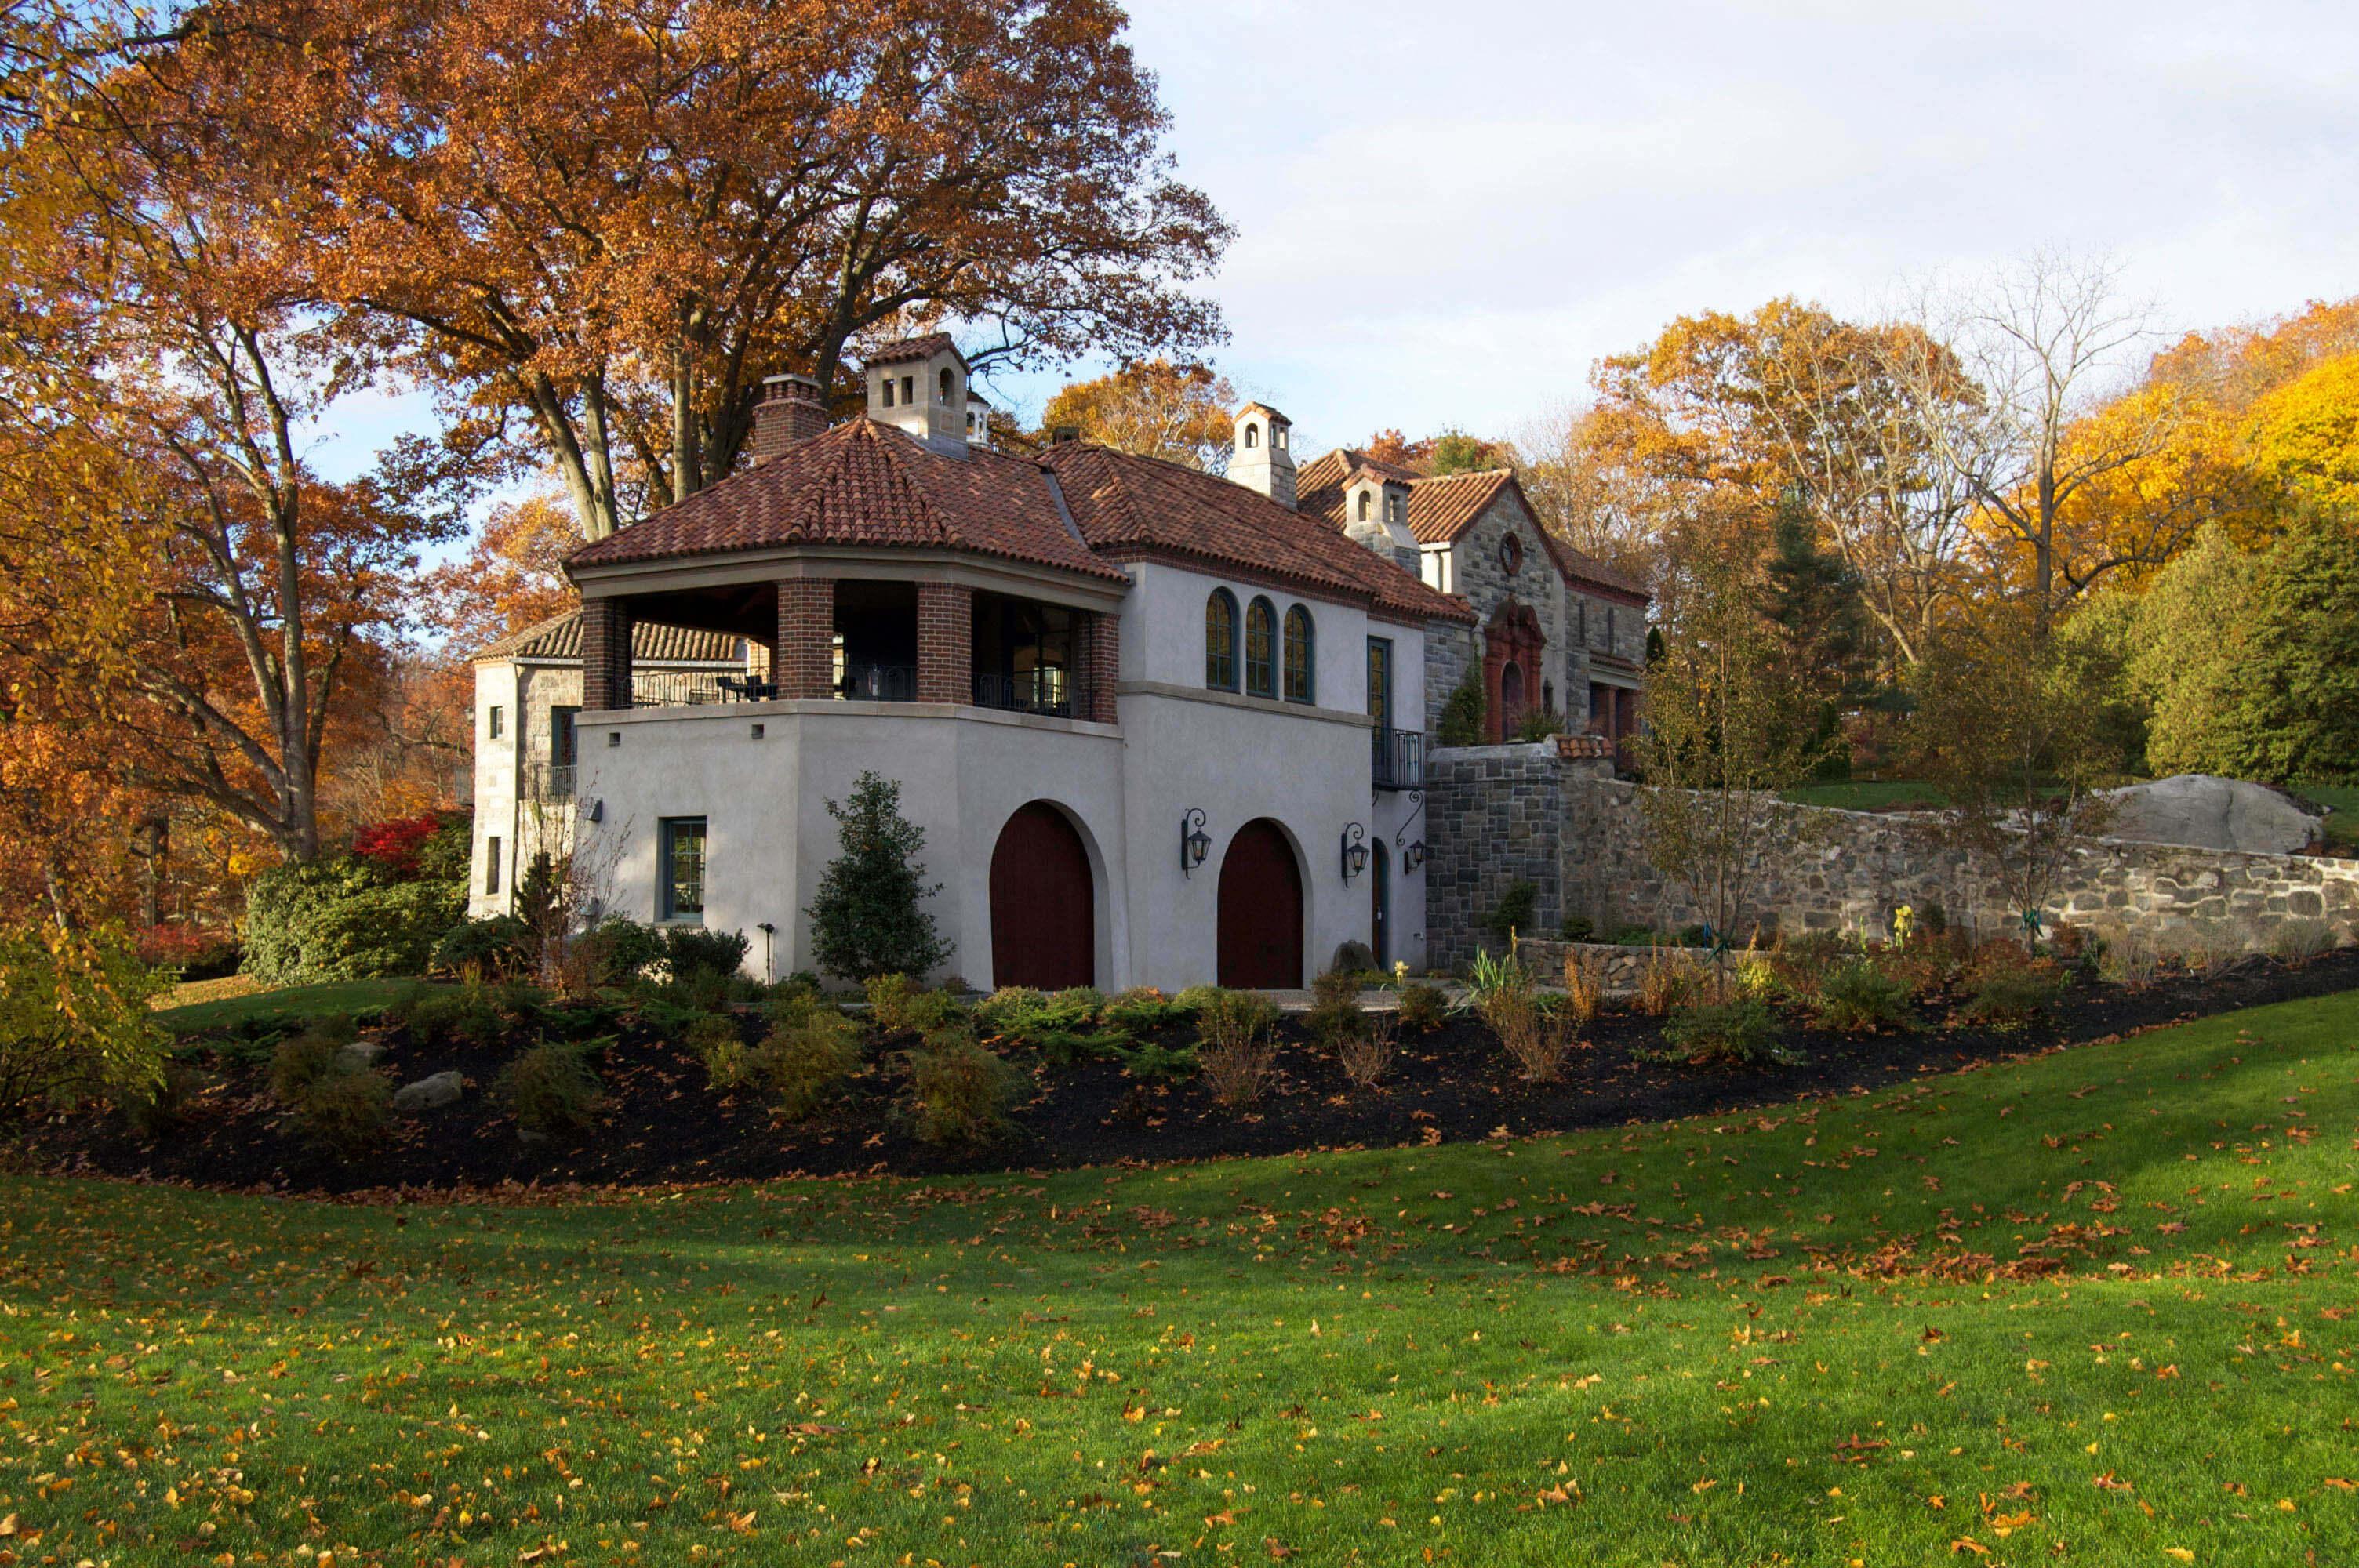 Spanish Style Villa - Archecture